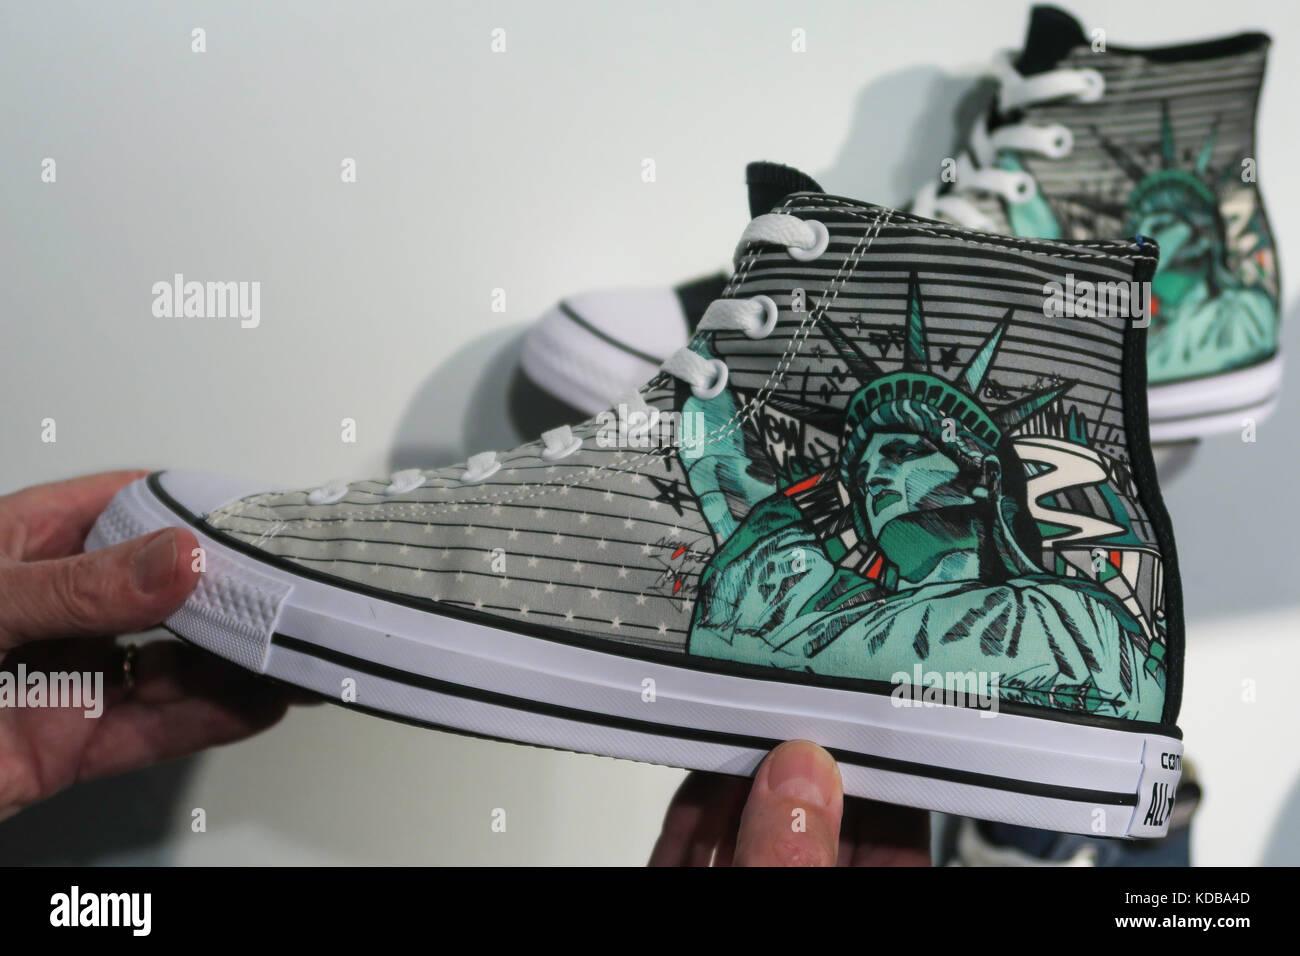 Converse store in Soho, New York City usa Stockfoto, Bild